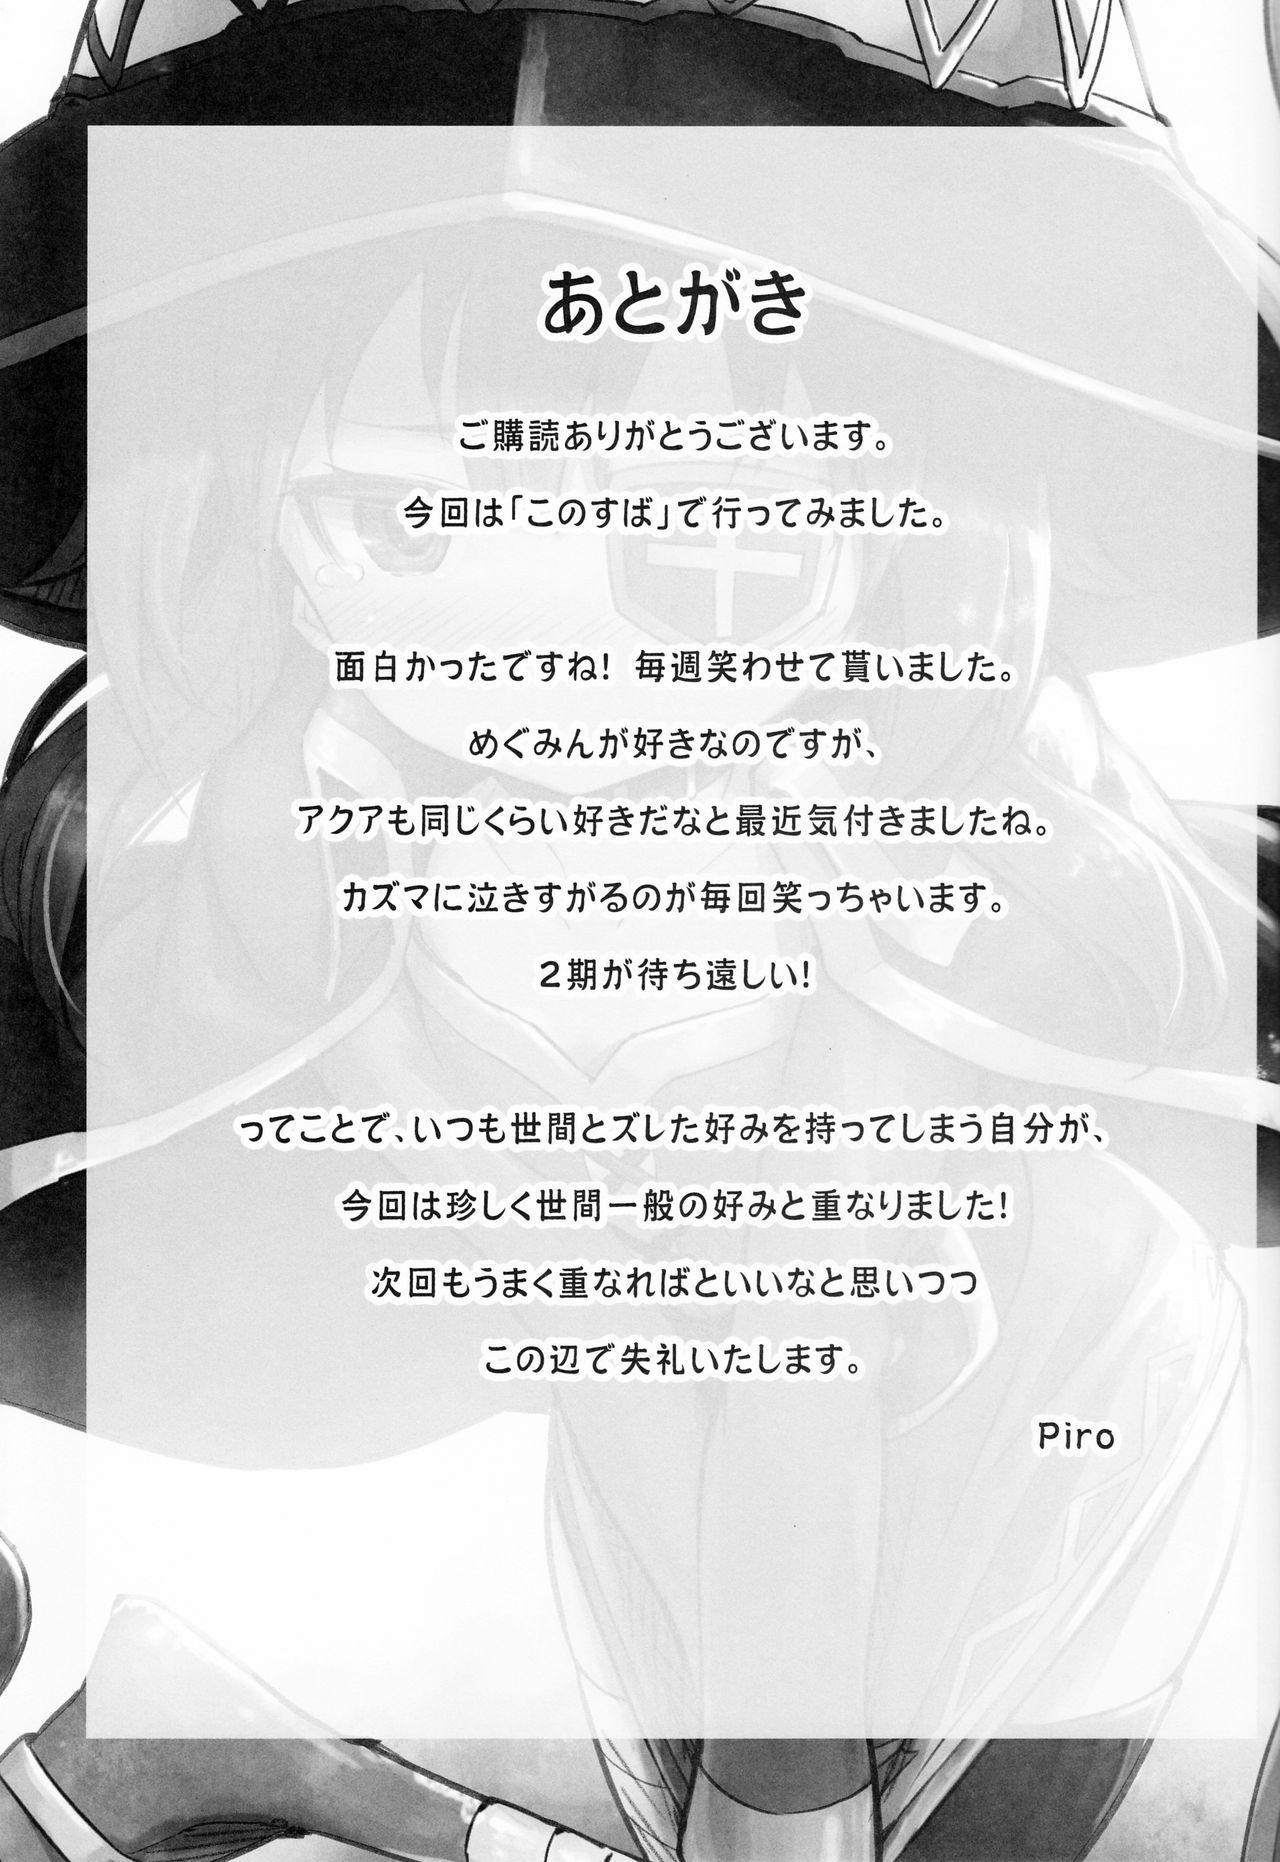 Kono Bakuretsudou ni Gohoubi o!  為爆裂魔法獻上讚美! 26